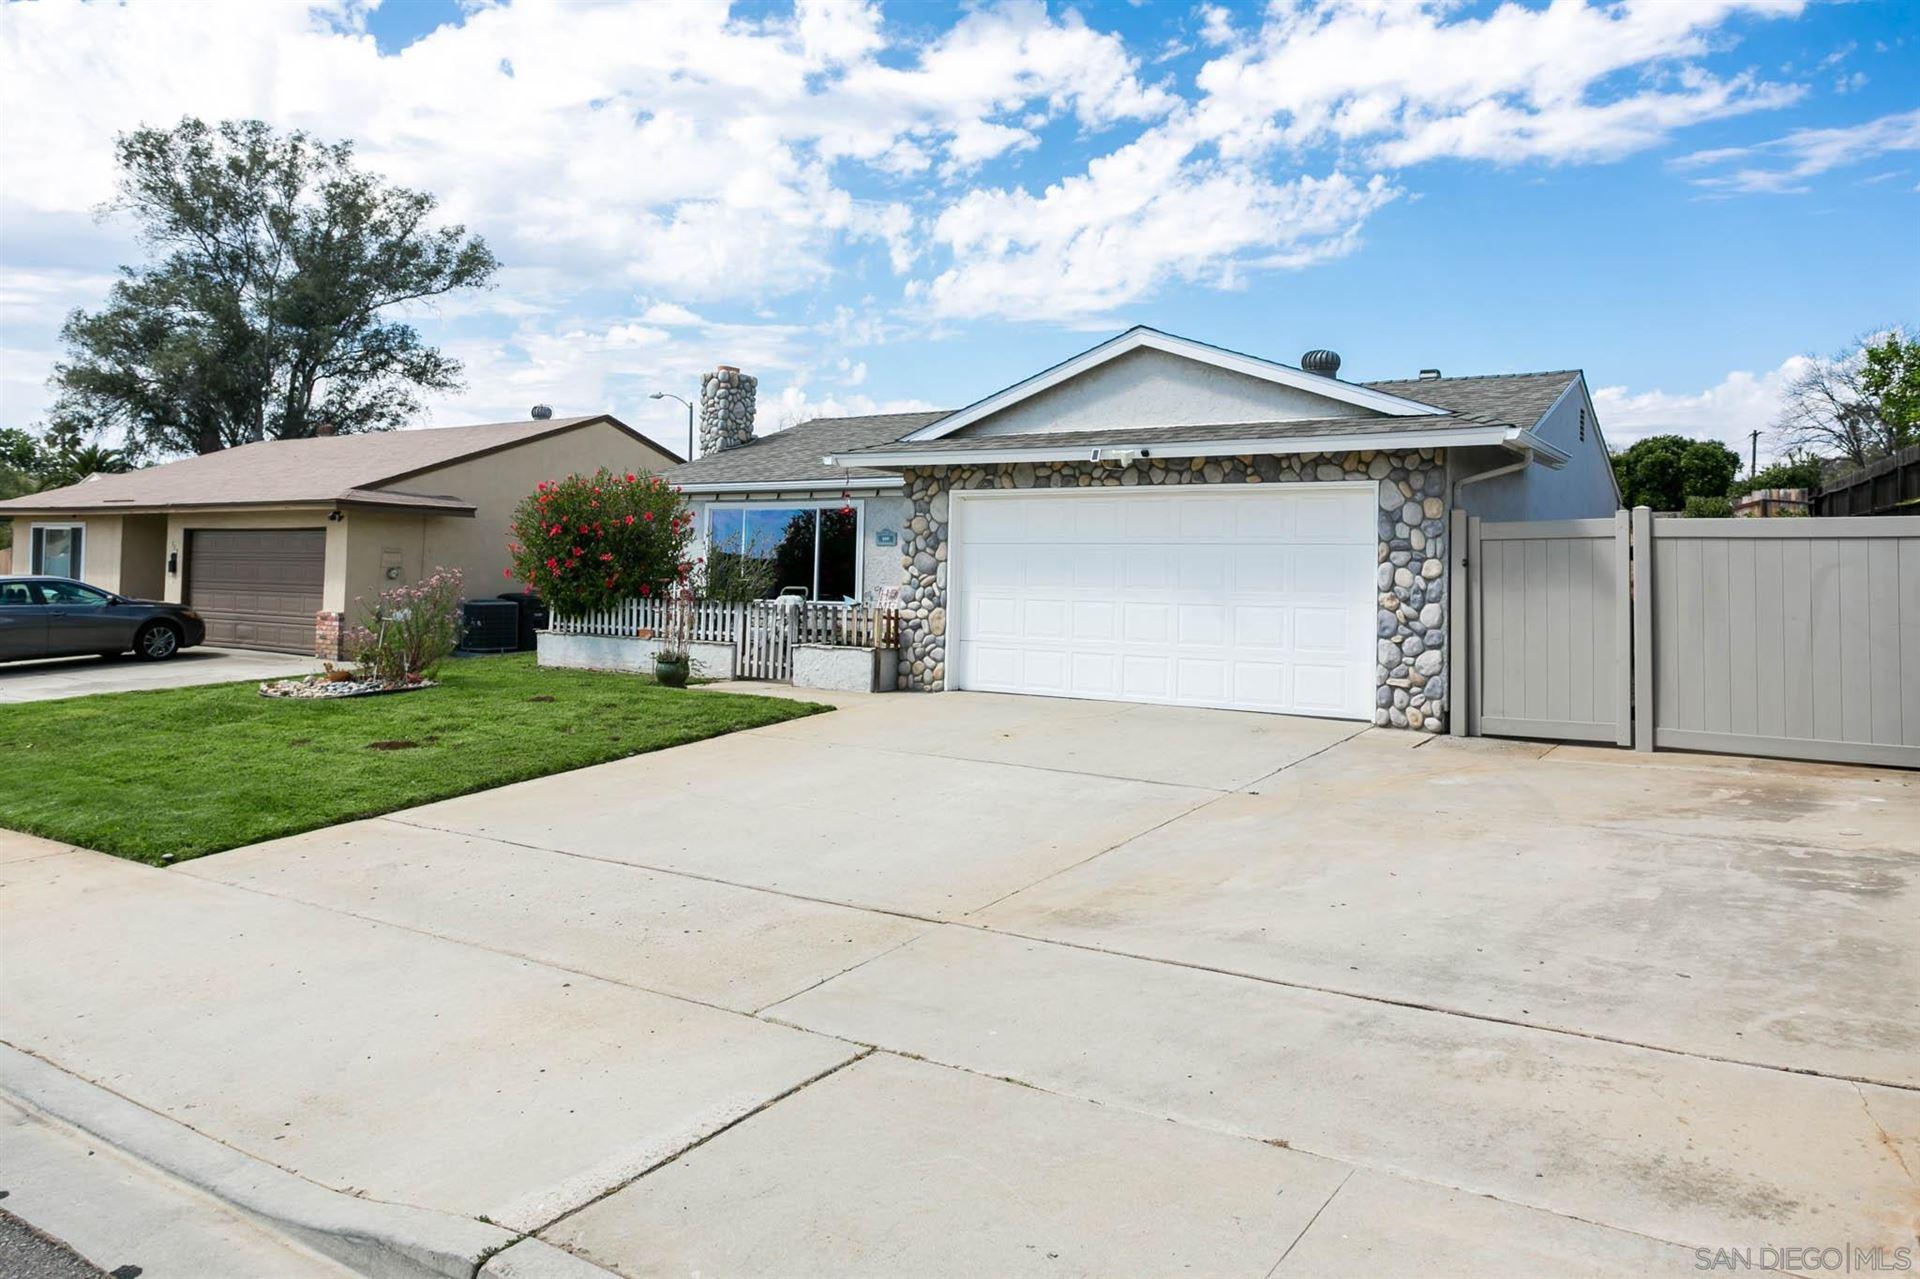 Photo of 538 Danny St, El Cajon, CA 92021 (MLS # 210009119)